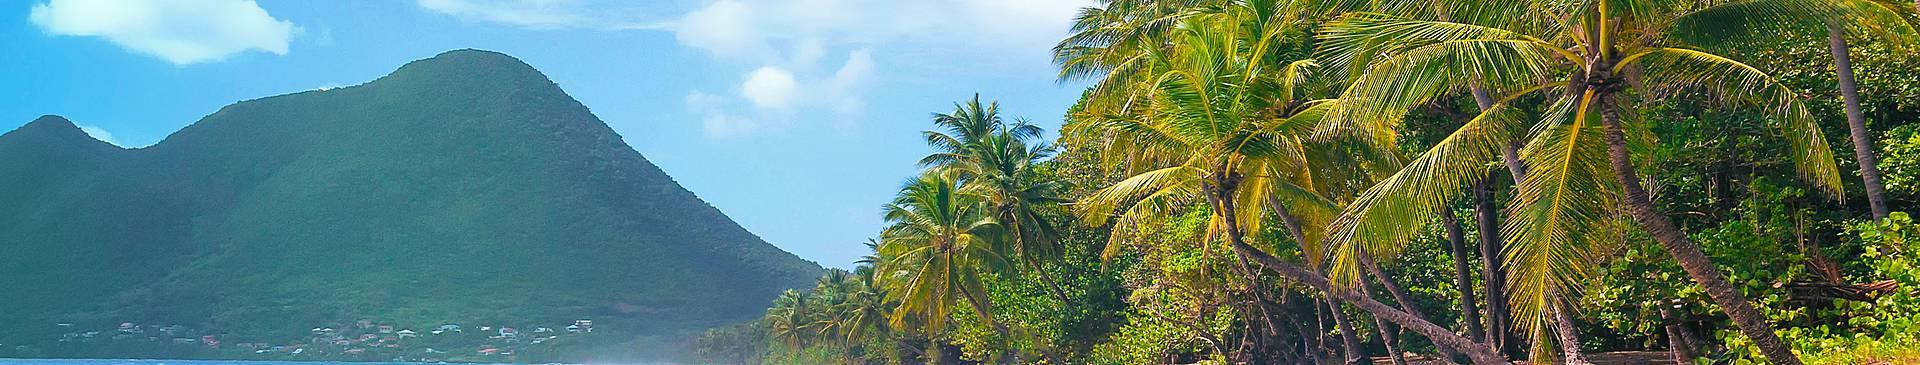 Voyage plage en Martinique